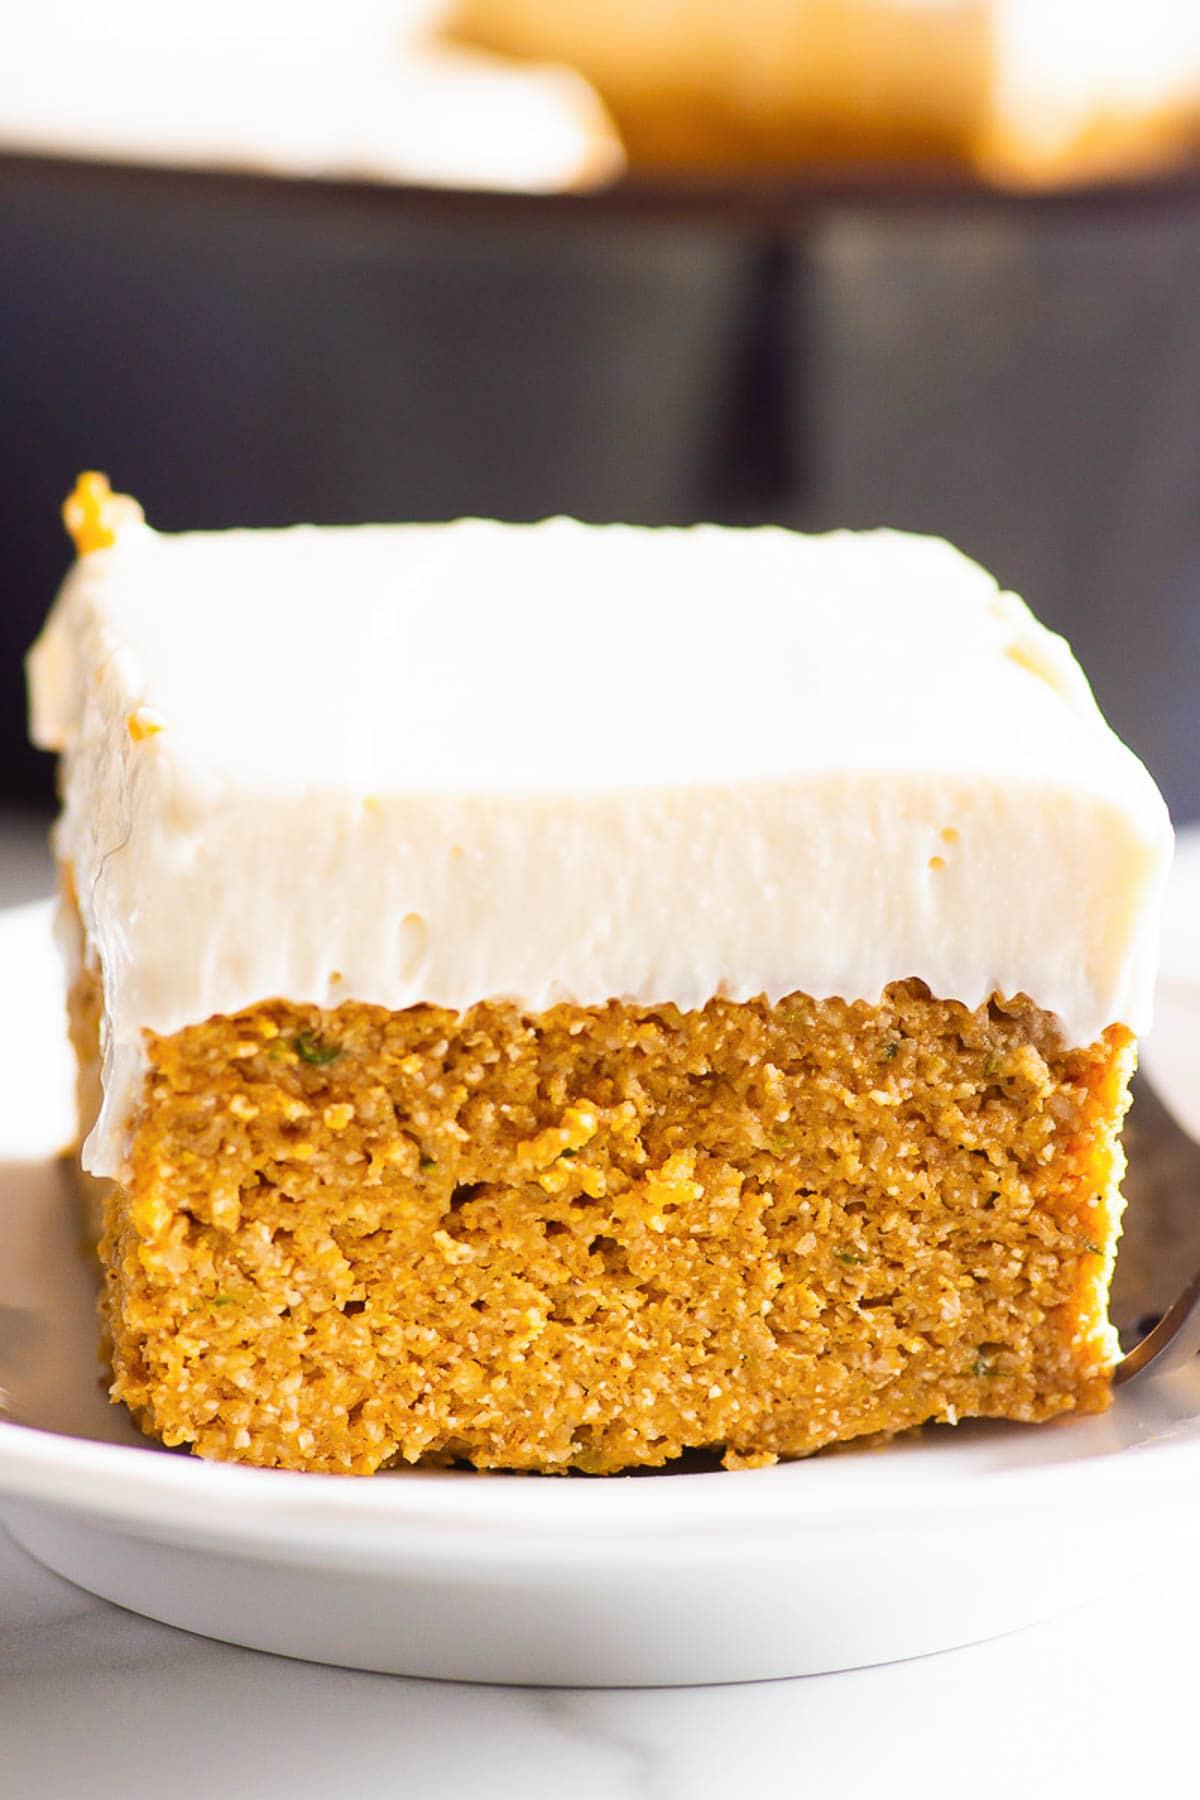 Receta de pastel de calabaza saludable